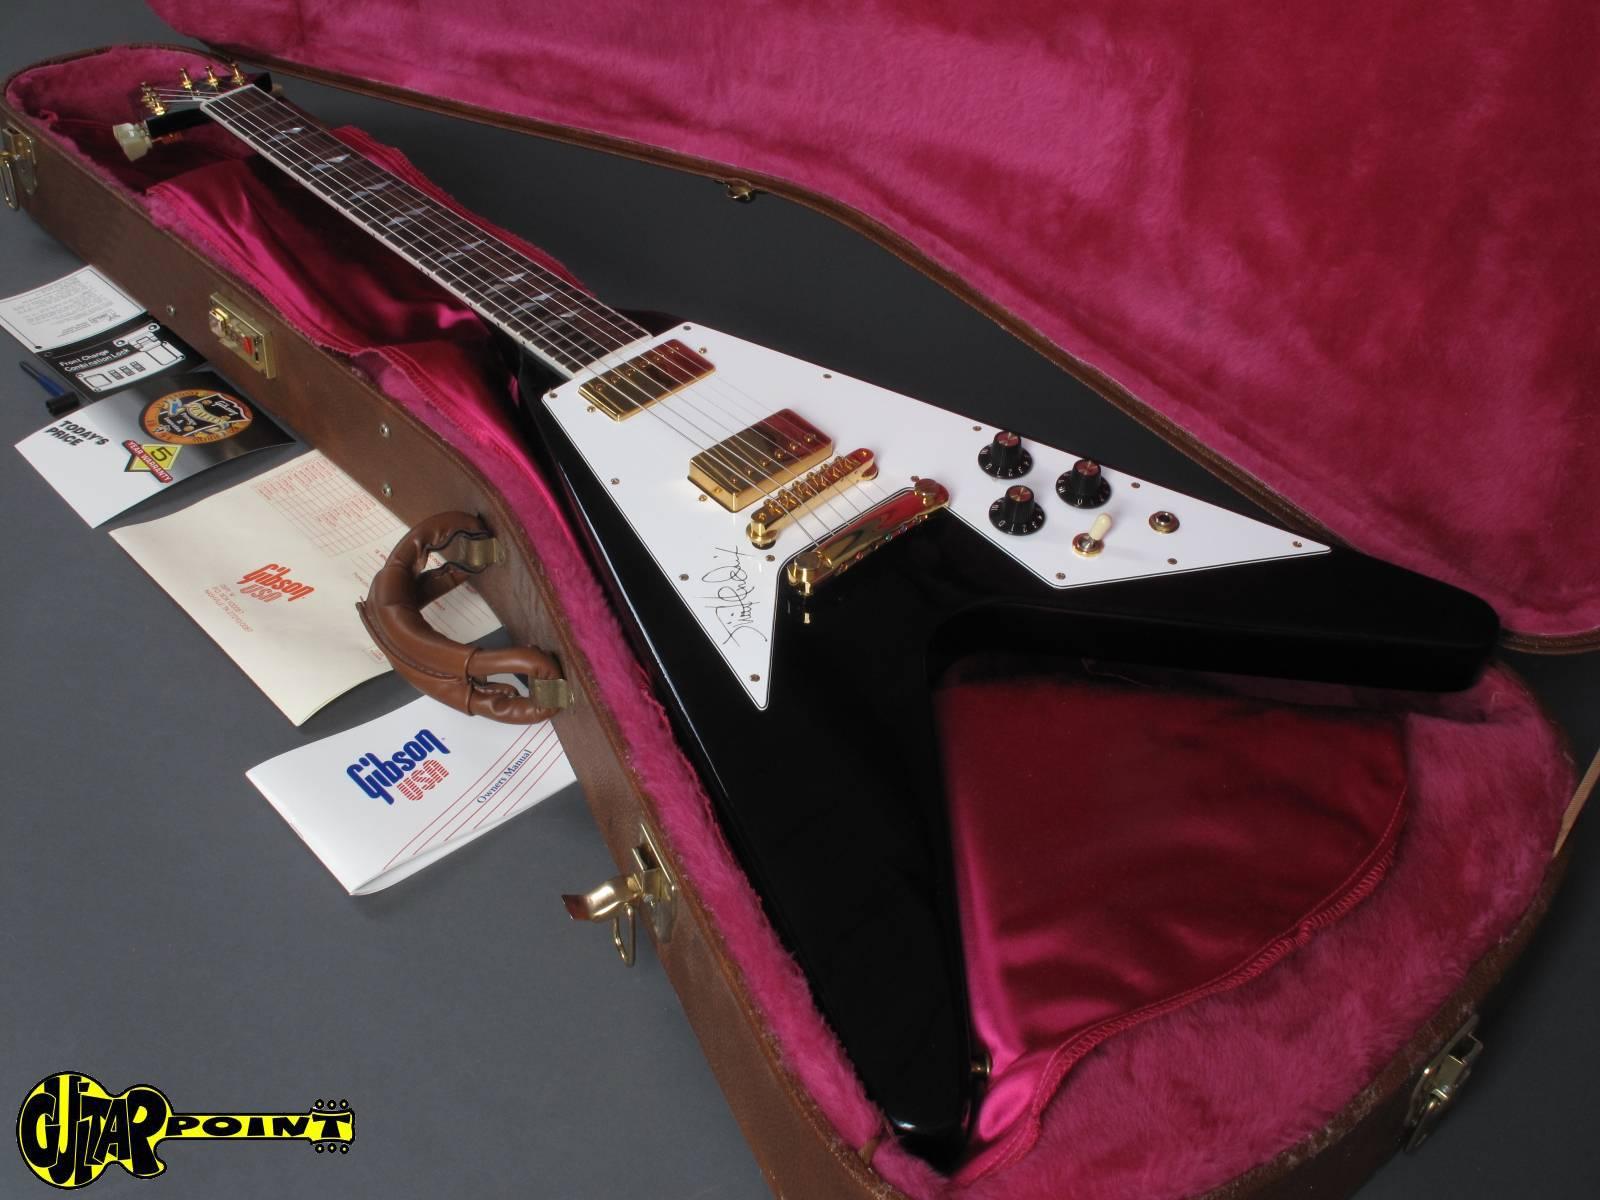 gibson jimi hendrix hall of fame flying v 1991 black guitar for sale guitarpoint. Black Bedroom Furniture Sets. Home Design Ideas